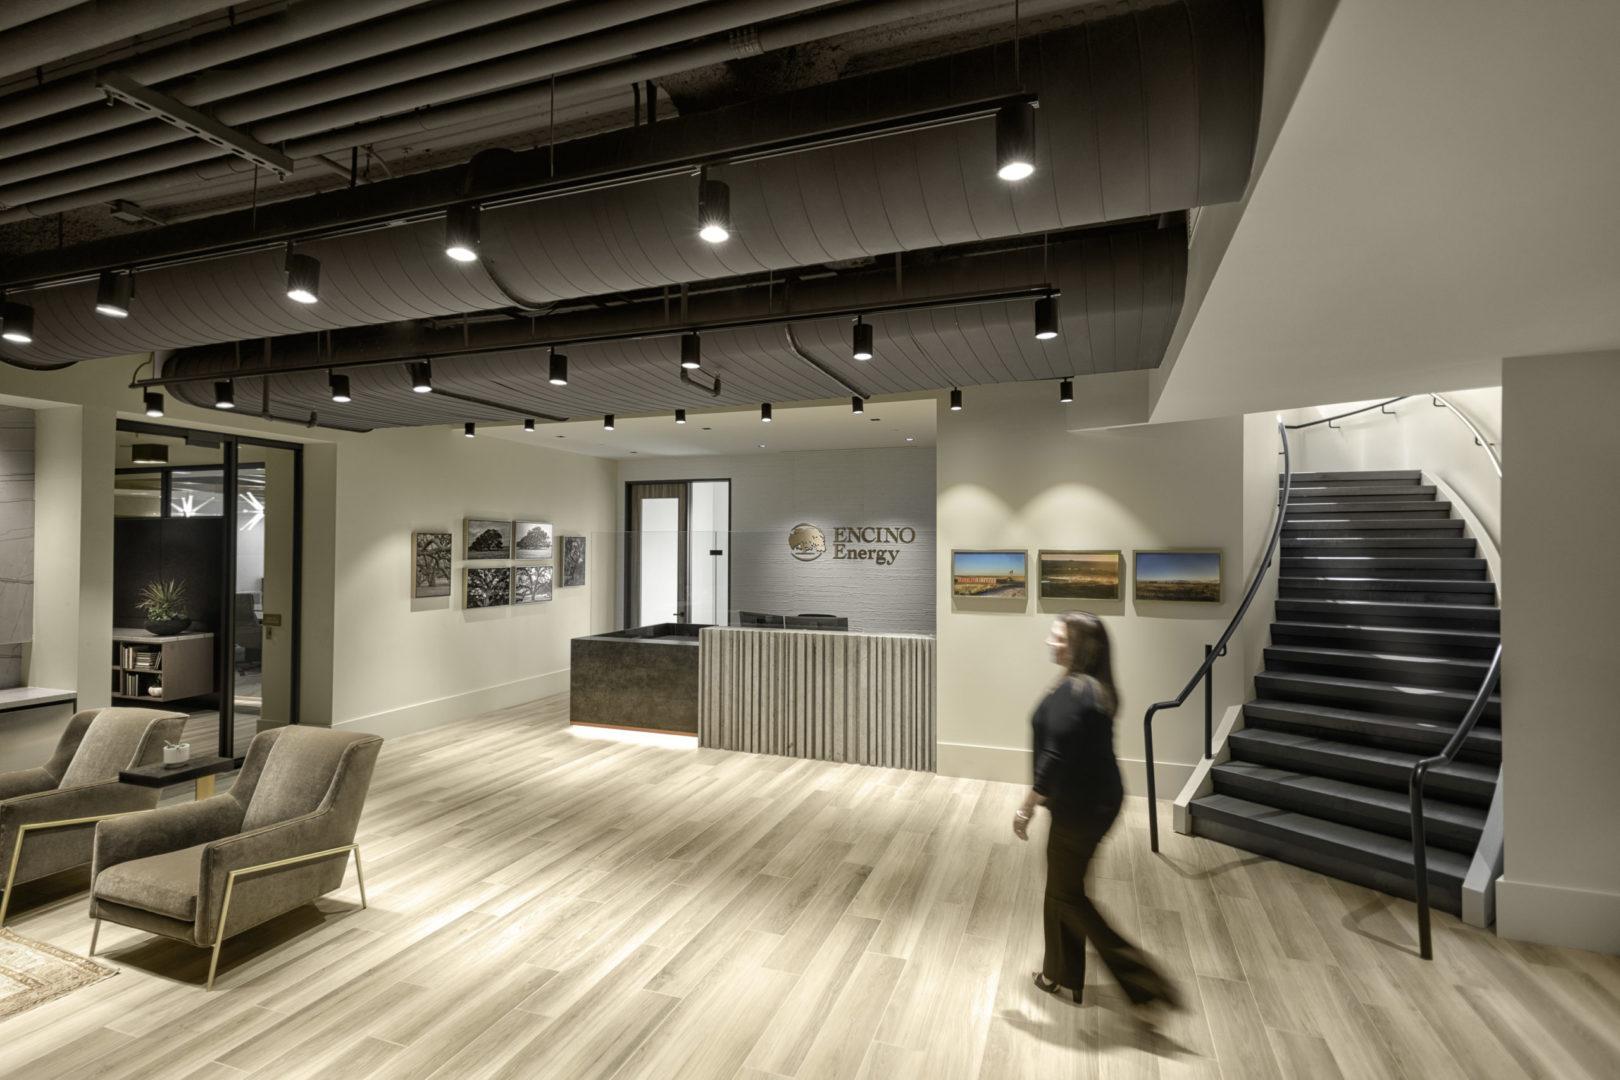 Encino Energy_Reception Area Design